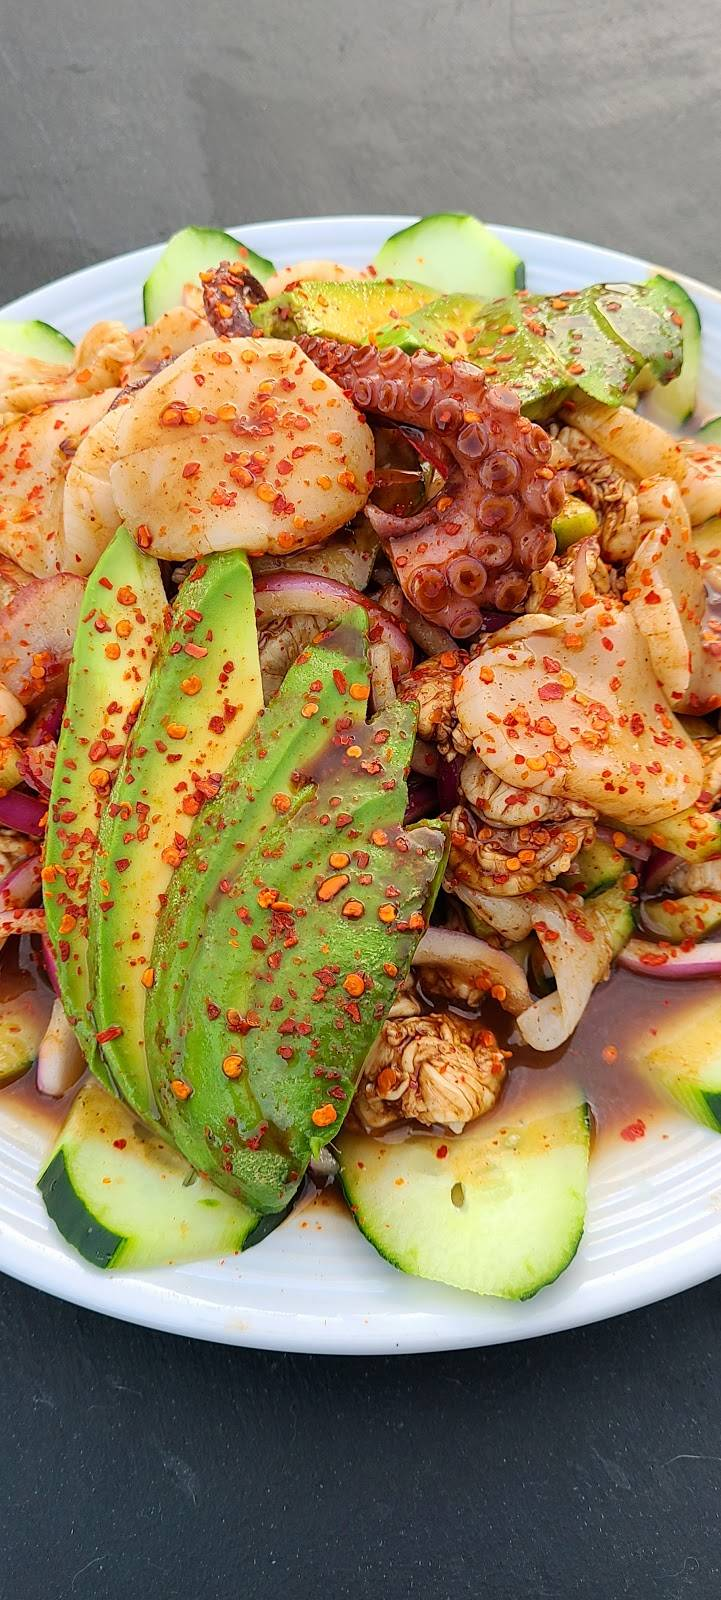 Hijoz de su Madre Mariscos - restaurant  | Photo 8 of 9 | Address: 2497 Riverside Ave, Rialto, CA 92377, USA | Phone: (909) 565-3829